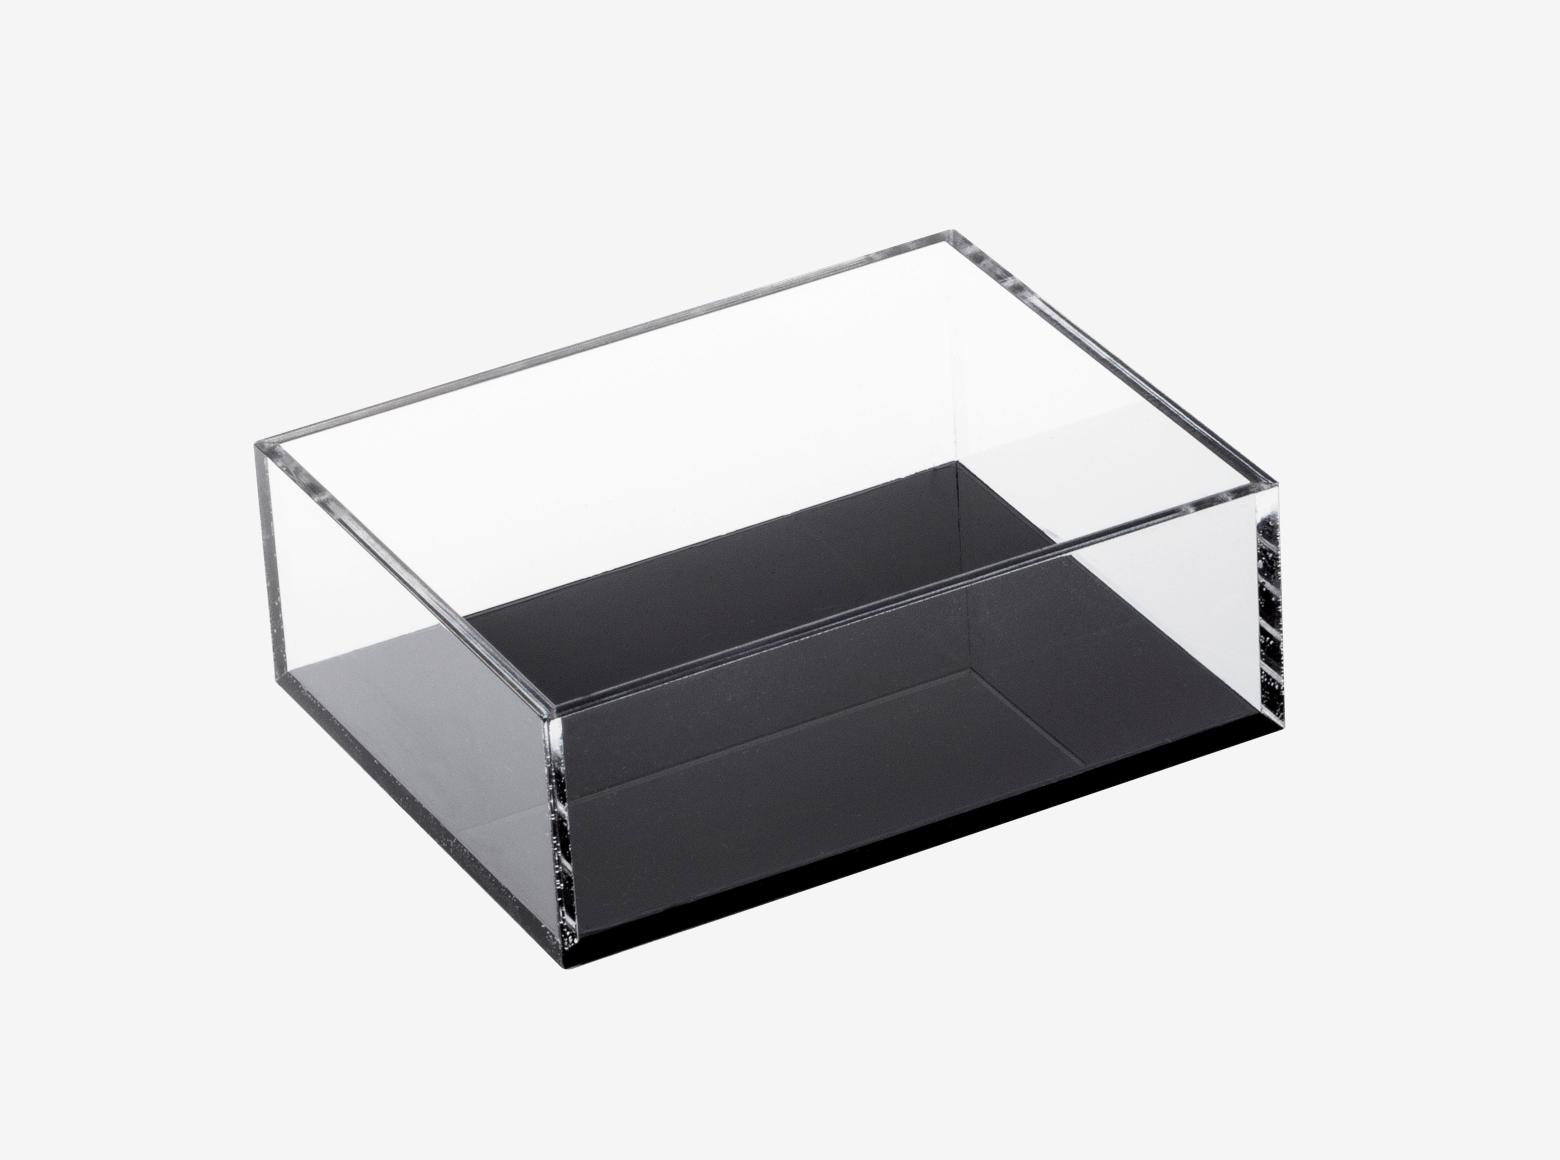 오픈형박스1-롤링배너 슬라이드4